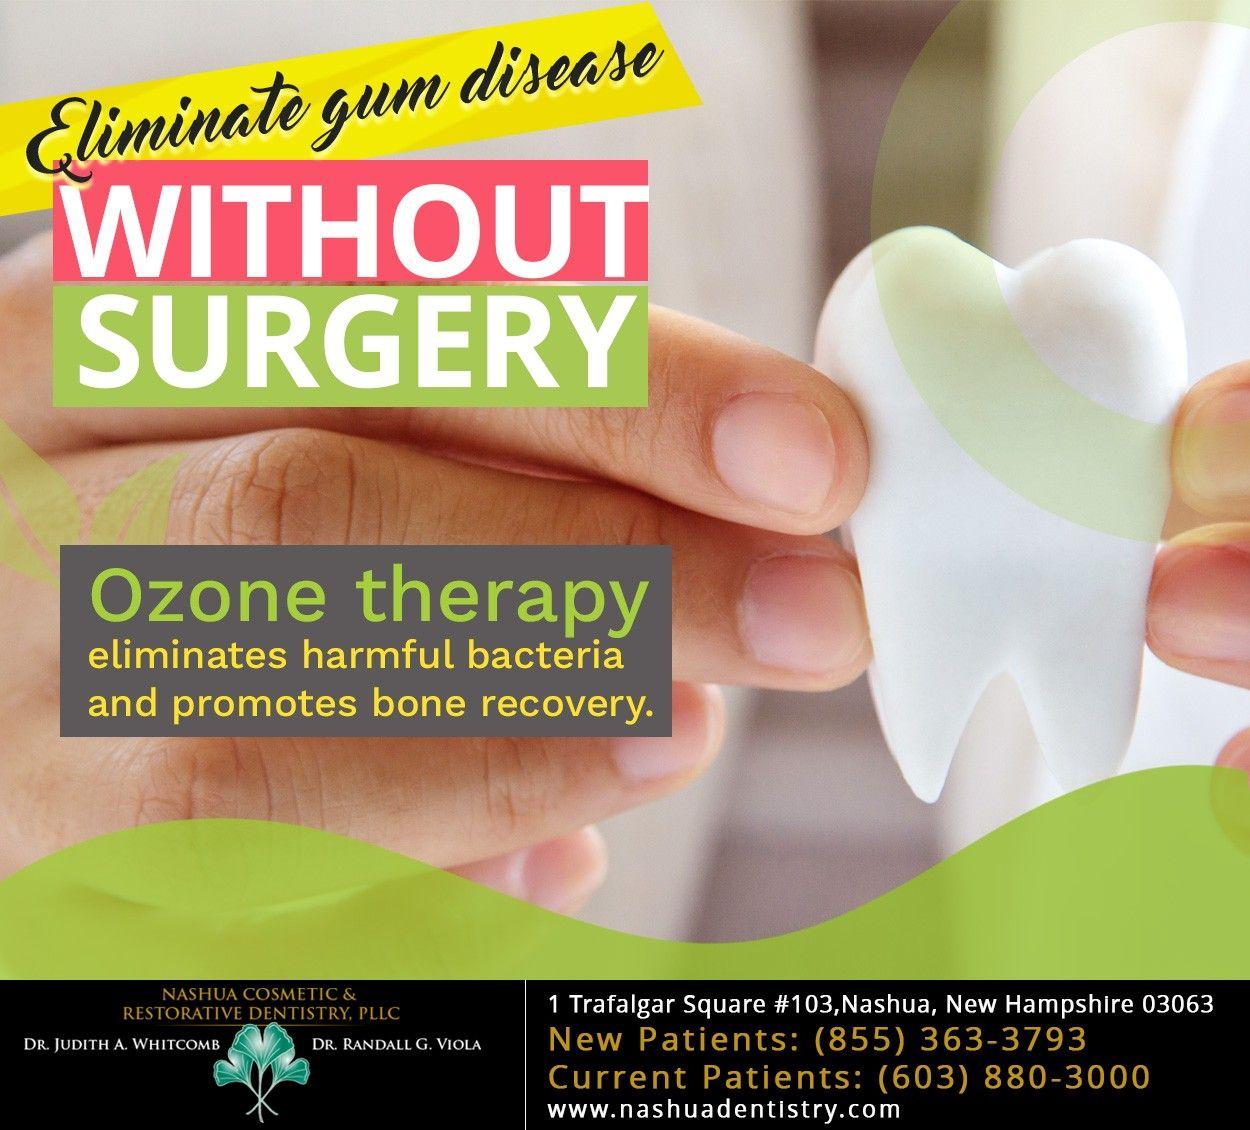 Pin de Nashua Cosmetic & Restorative Dentistry PLLC en